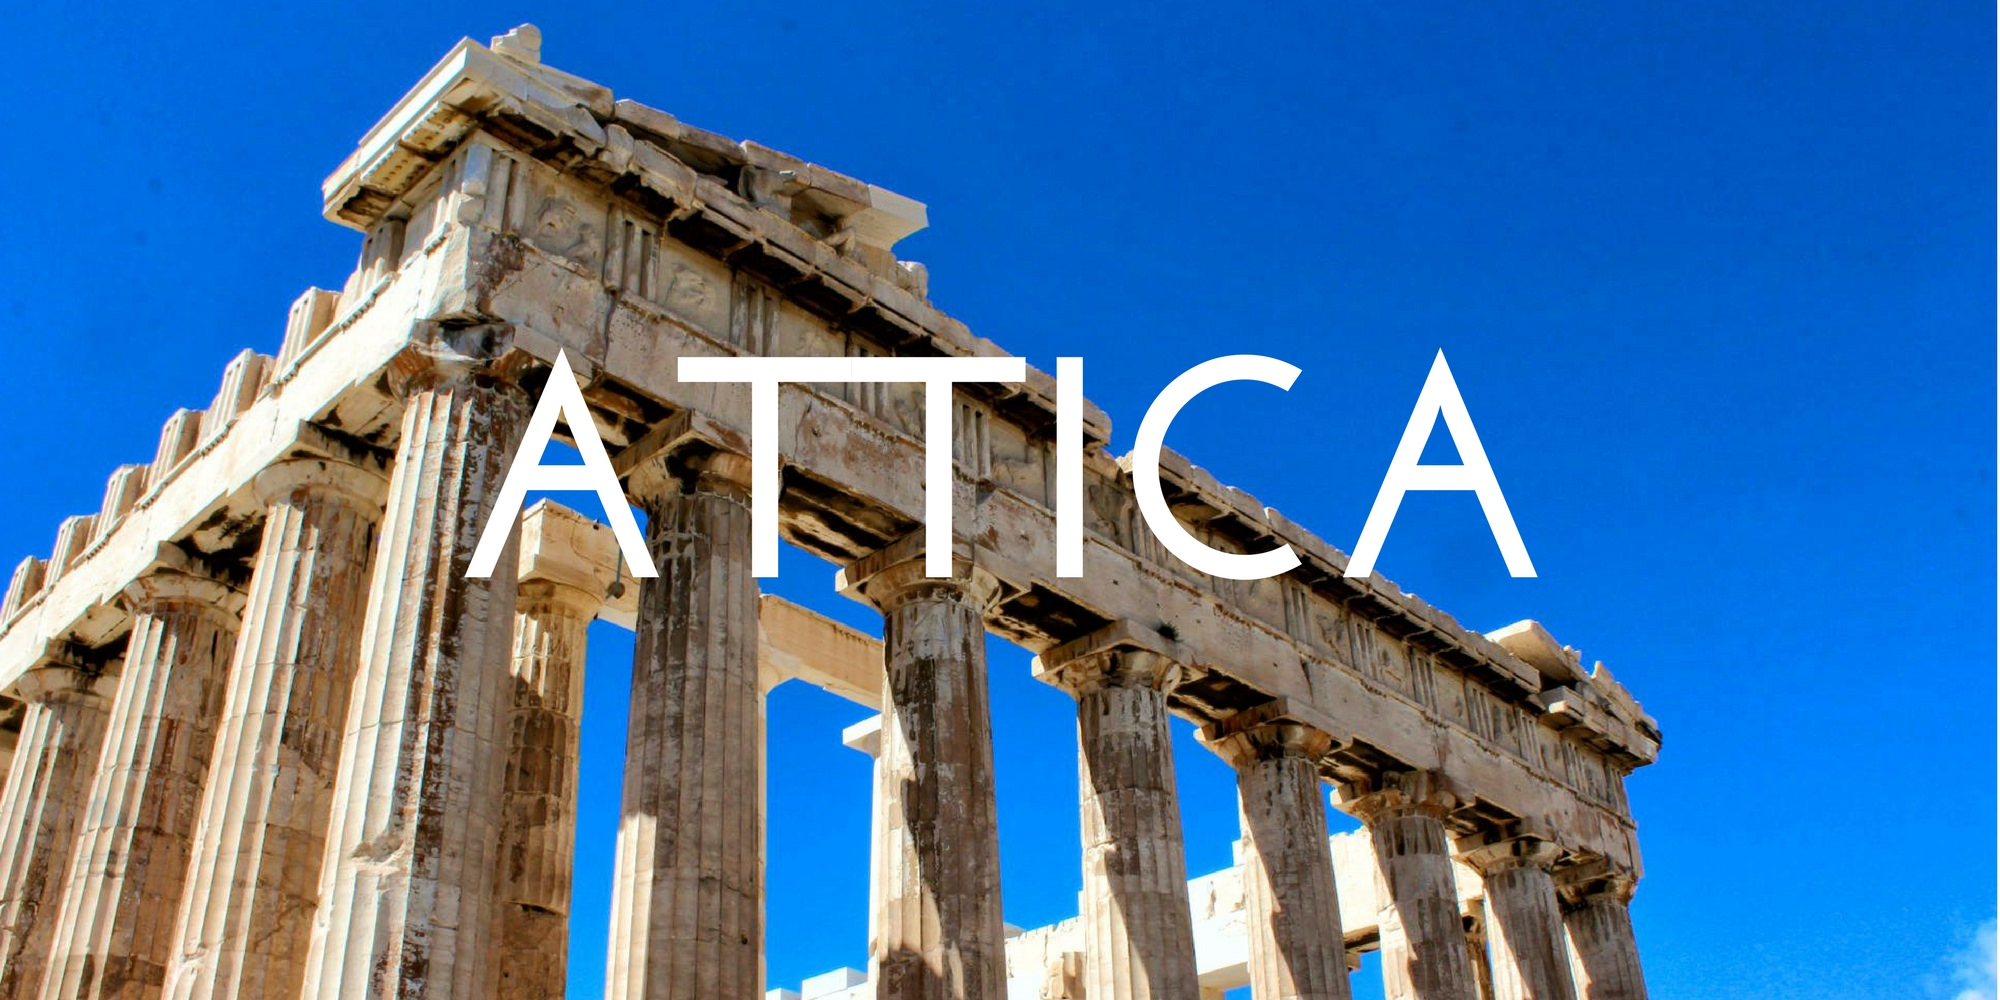 Attica - Authentic Traveling - Header